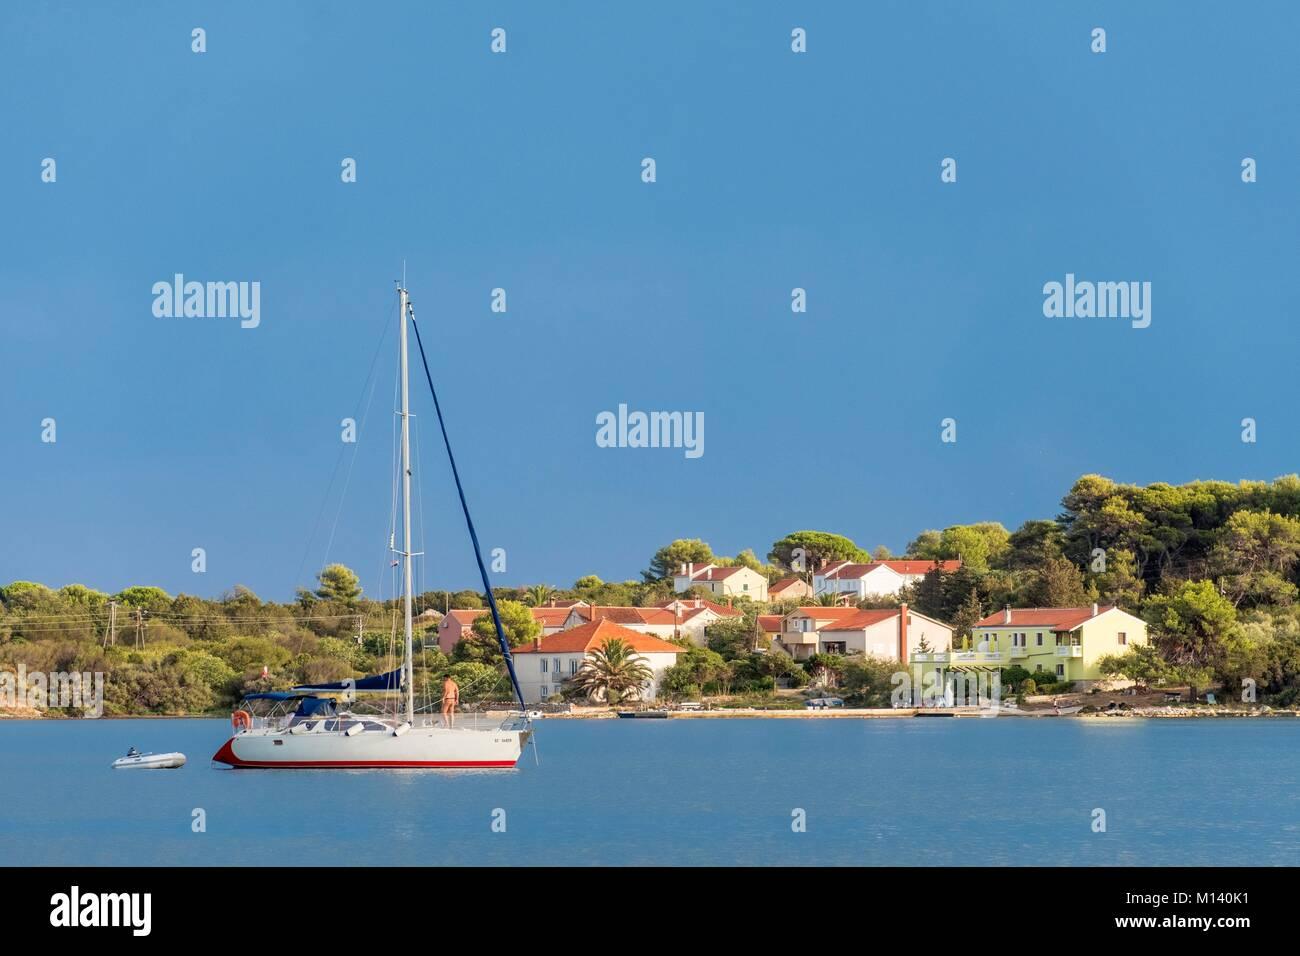 Kroatien, Dalmatien, Dalmatinischen Küste, Zadar, Insel Dugi Otok, verunic Bay Stockbild